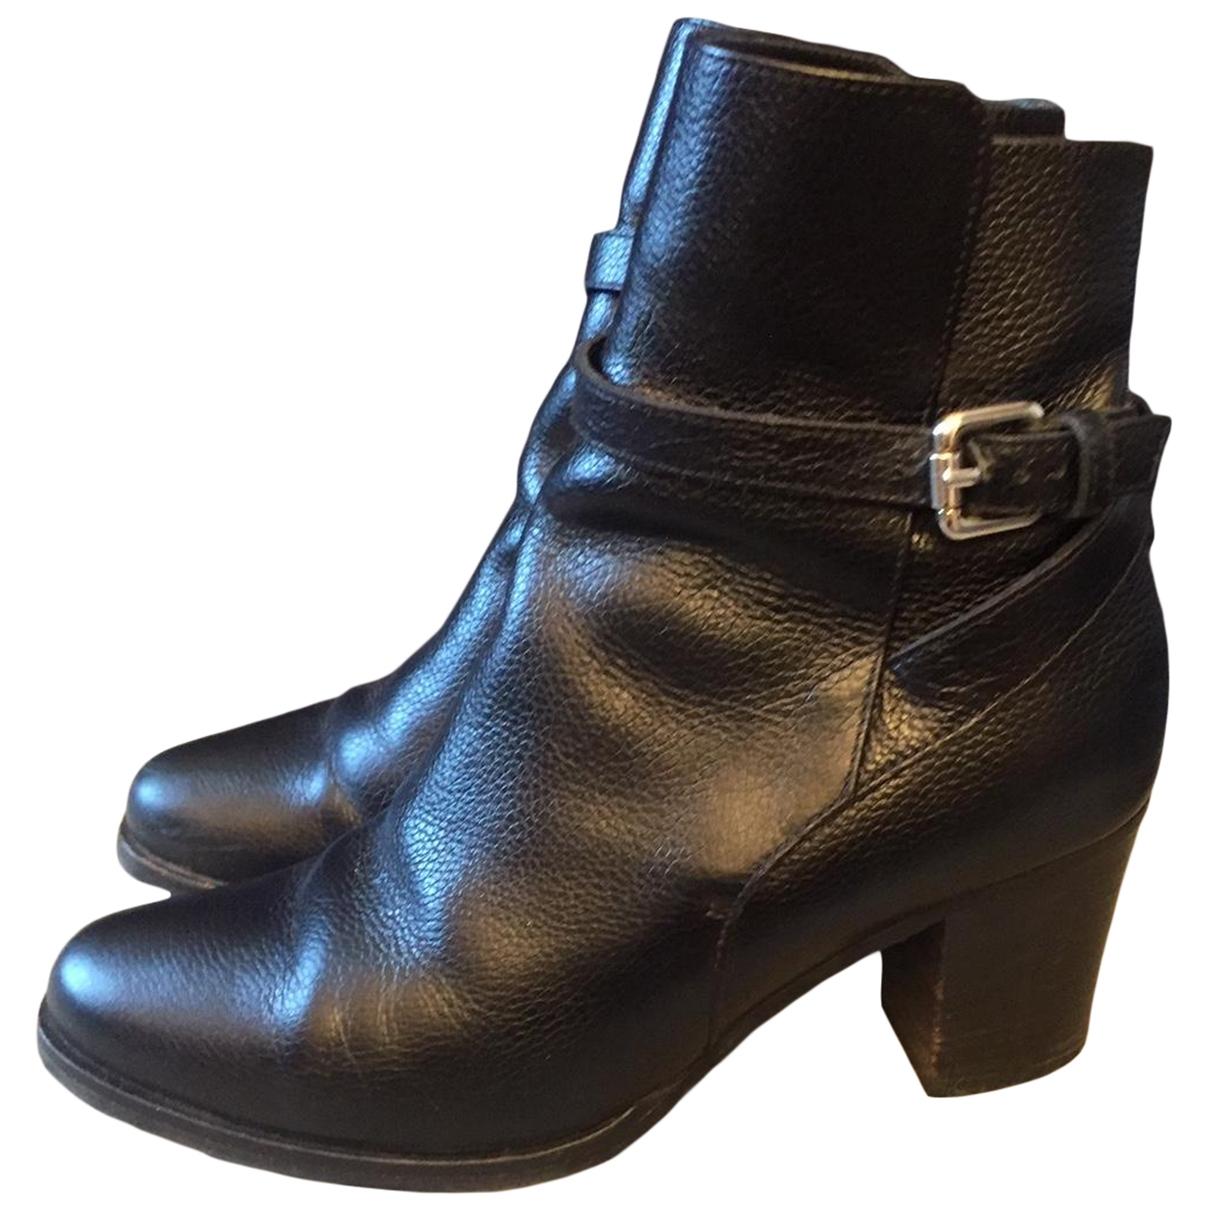 Lk Bennett \N Black Leather Ankle boots for Women 39 EU